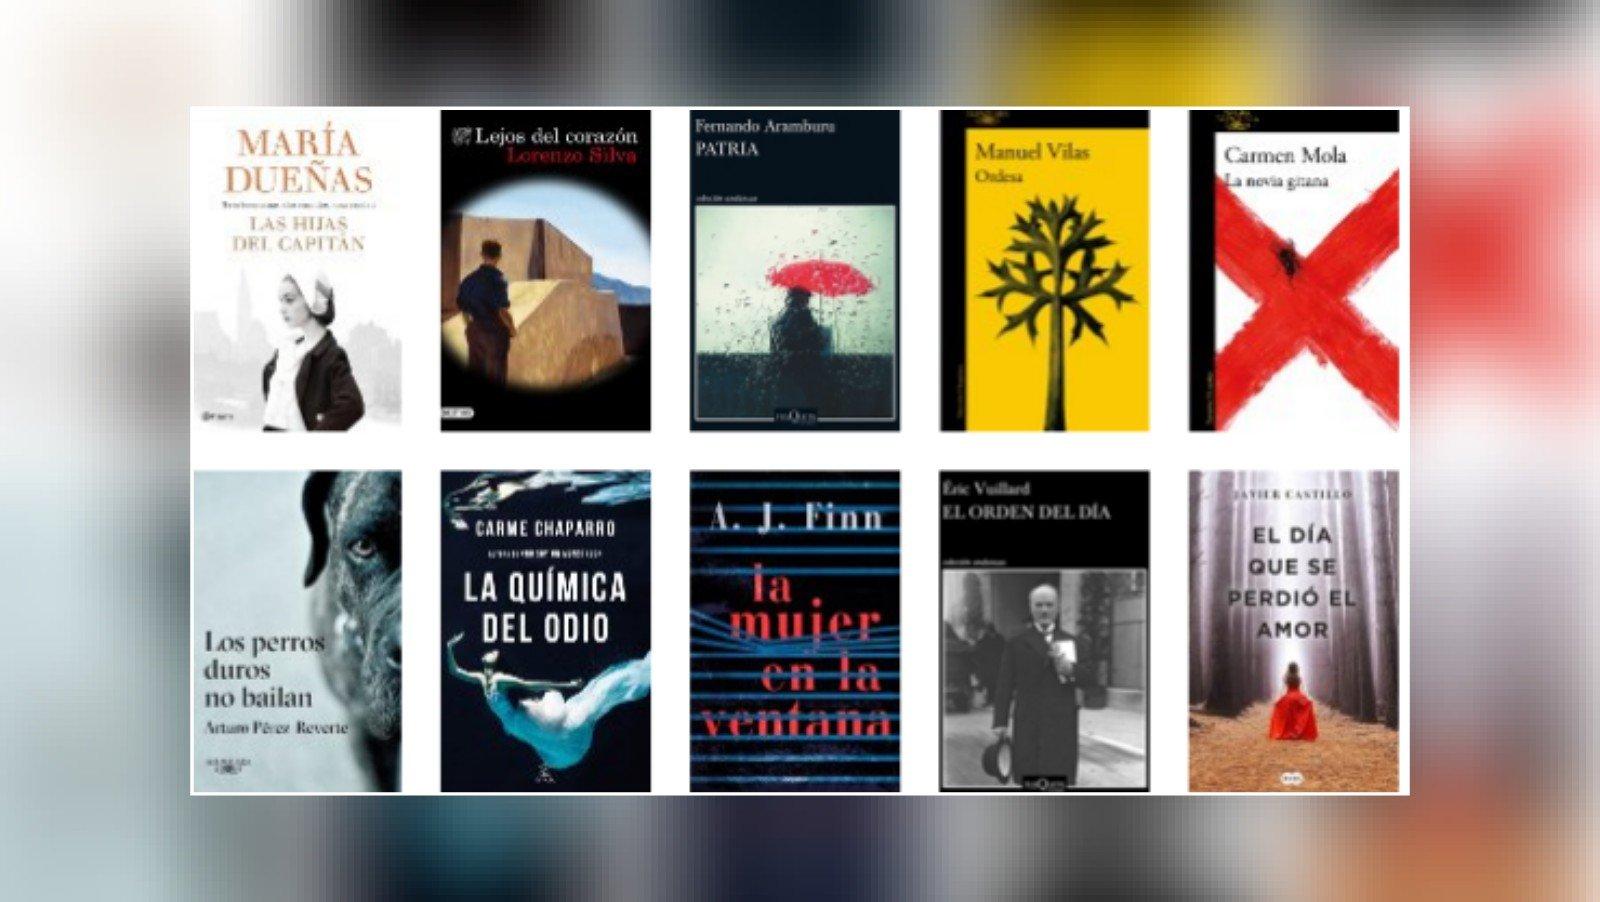 Lista libros ficción más vendidos del 11 al 17 de junio revista El Cultural